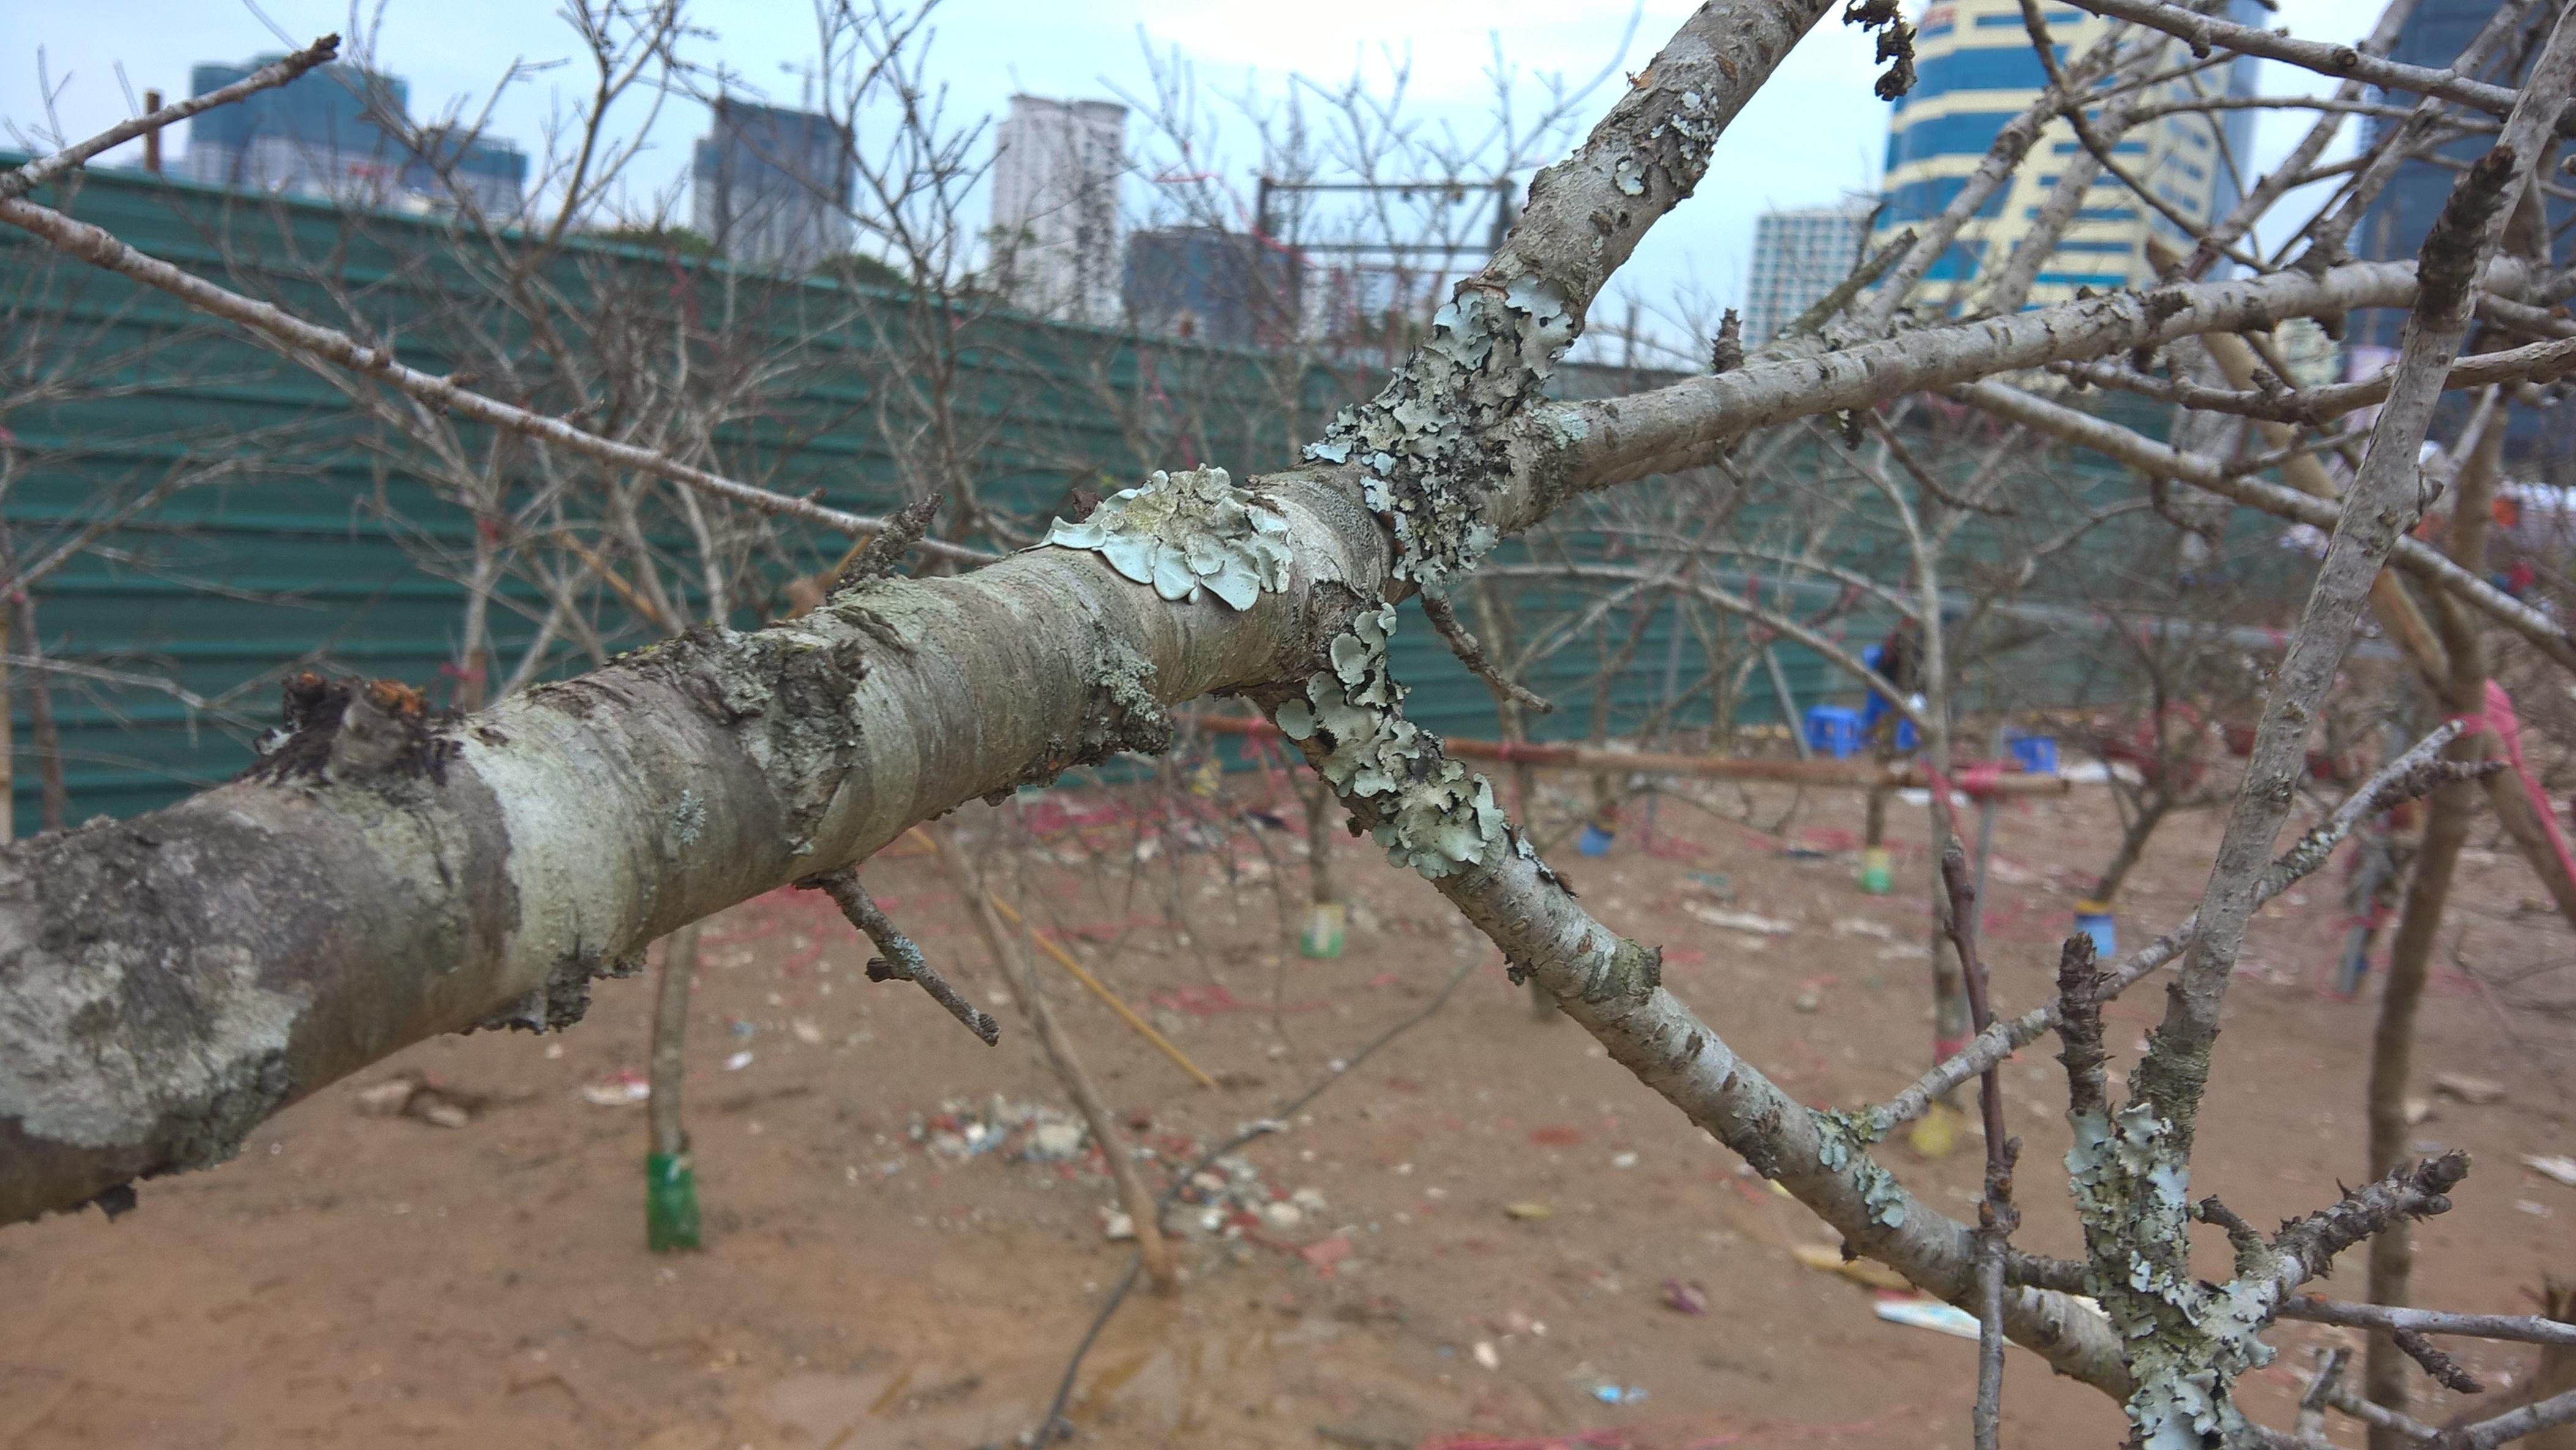 Rất nhiều loại đào rừng bị chặt hạ, theo một đầu mối bán đào rừng, để có được một cành đào rừng cao 3 mét, trổ hoa và có thể trưng tết, phải mất từ 3 - 5 năm sinh trưởng. Còn các loại gốc to, tán đẹp, phải đến chục năm, giá hàng chục triệu cũng không có mà bán.